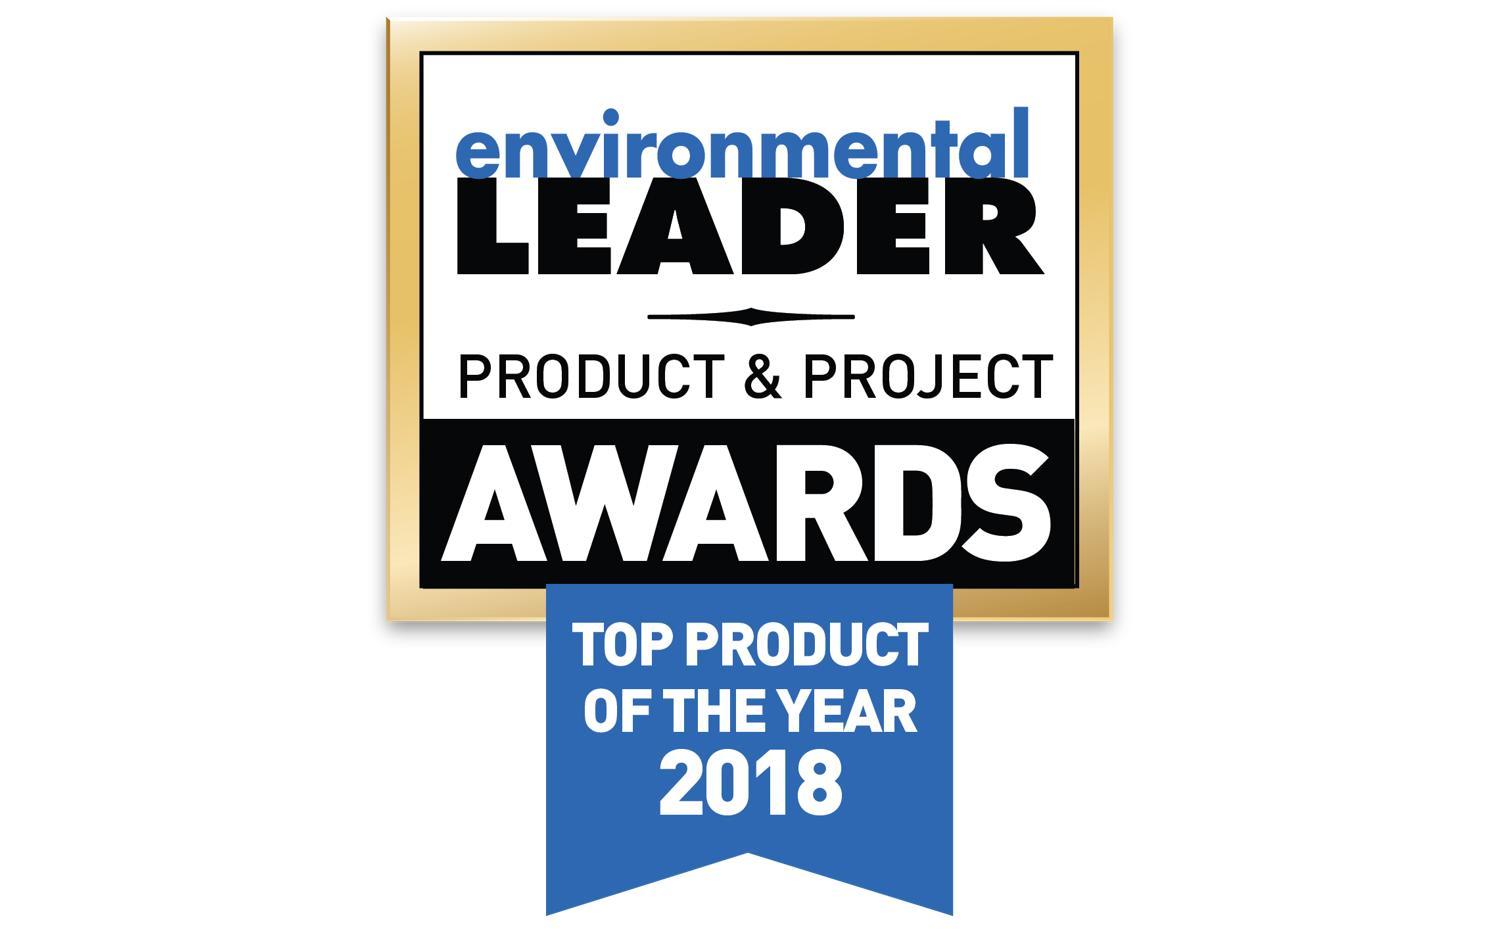 EL_Award_press_release_image_web